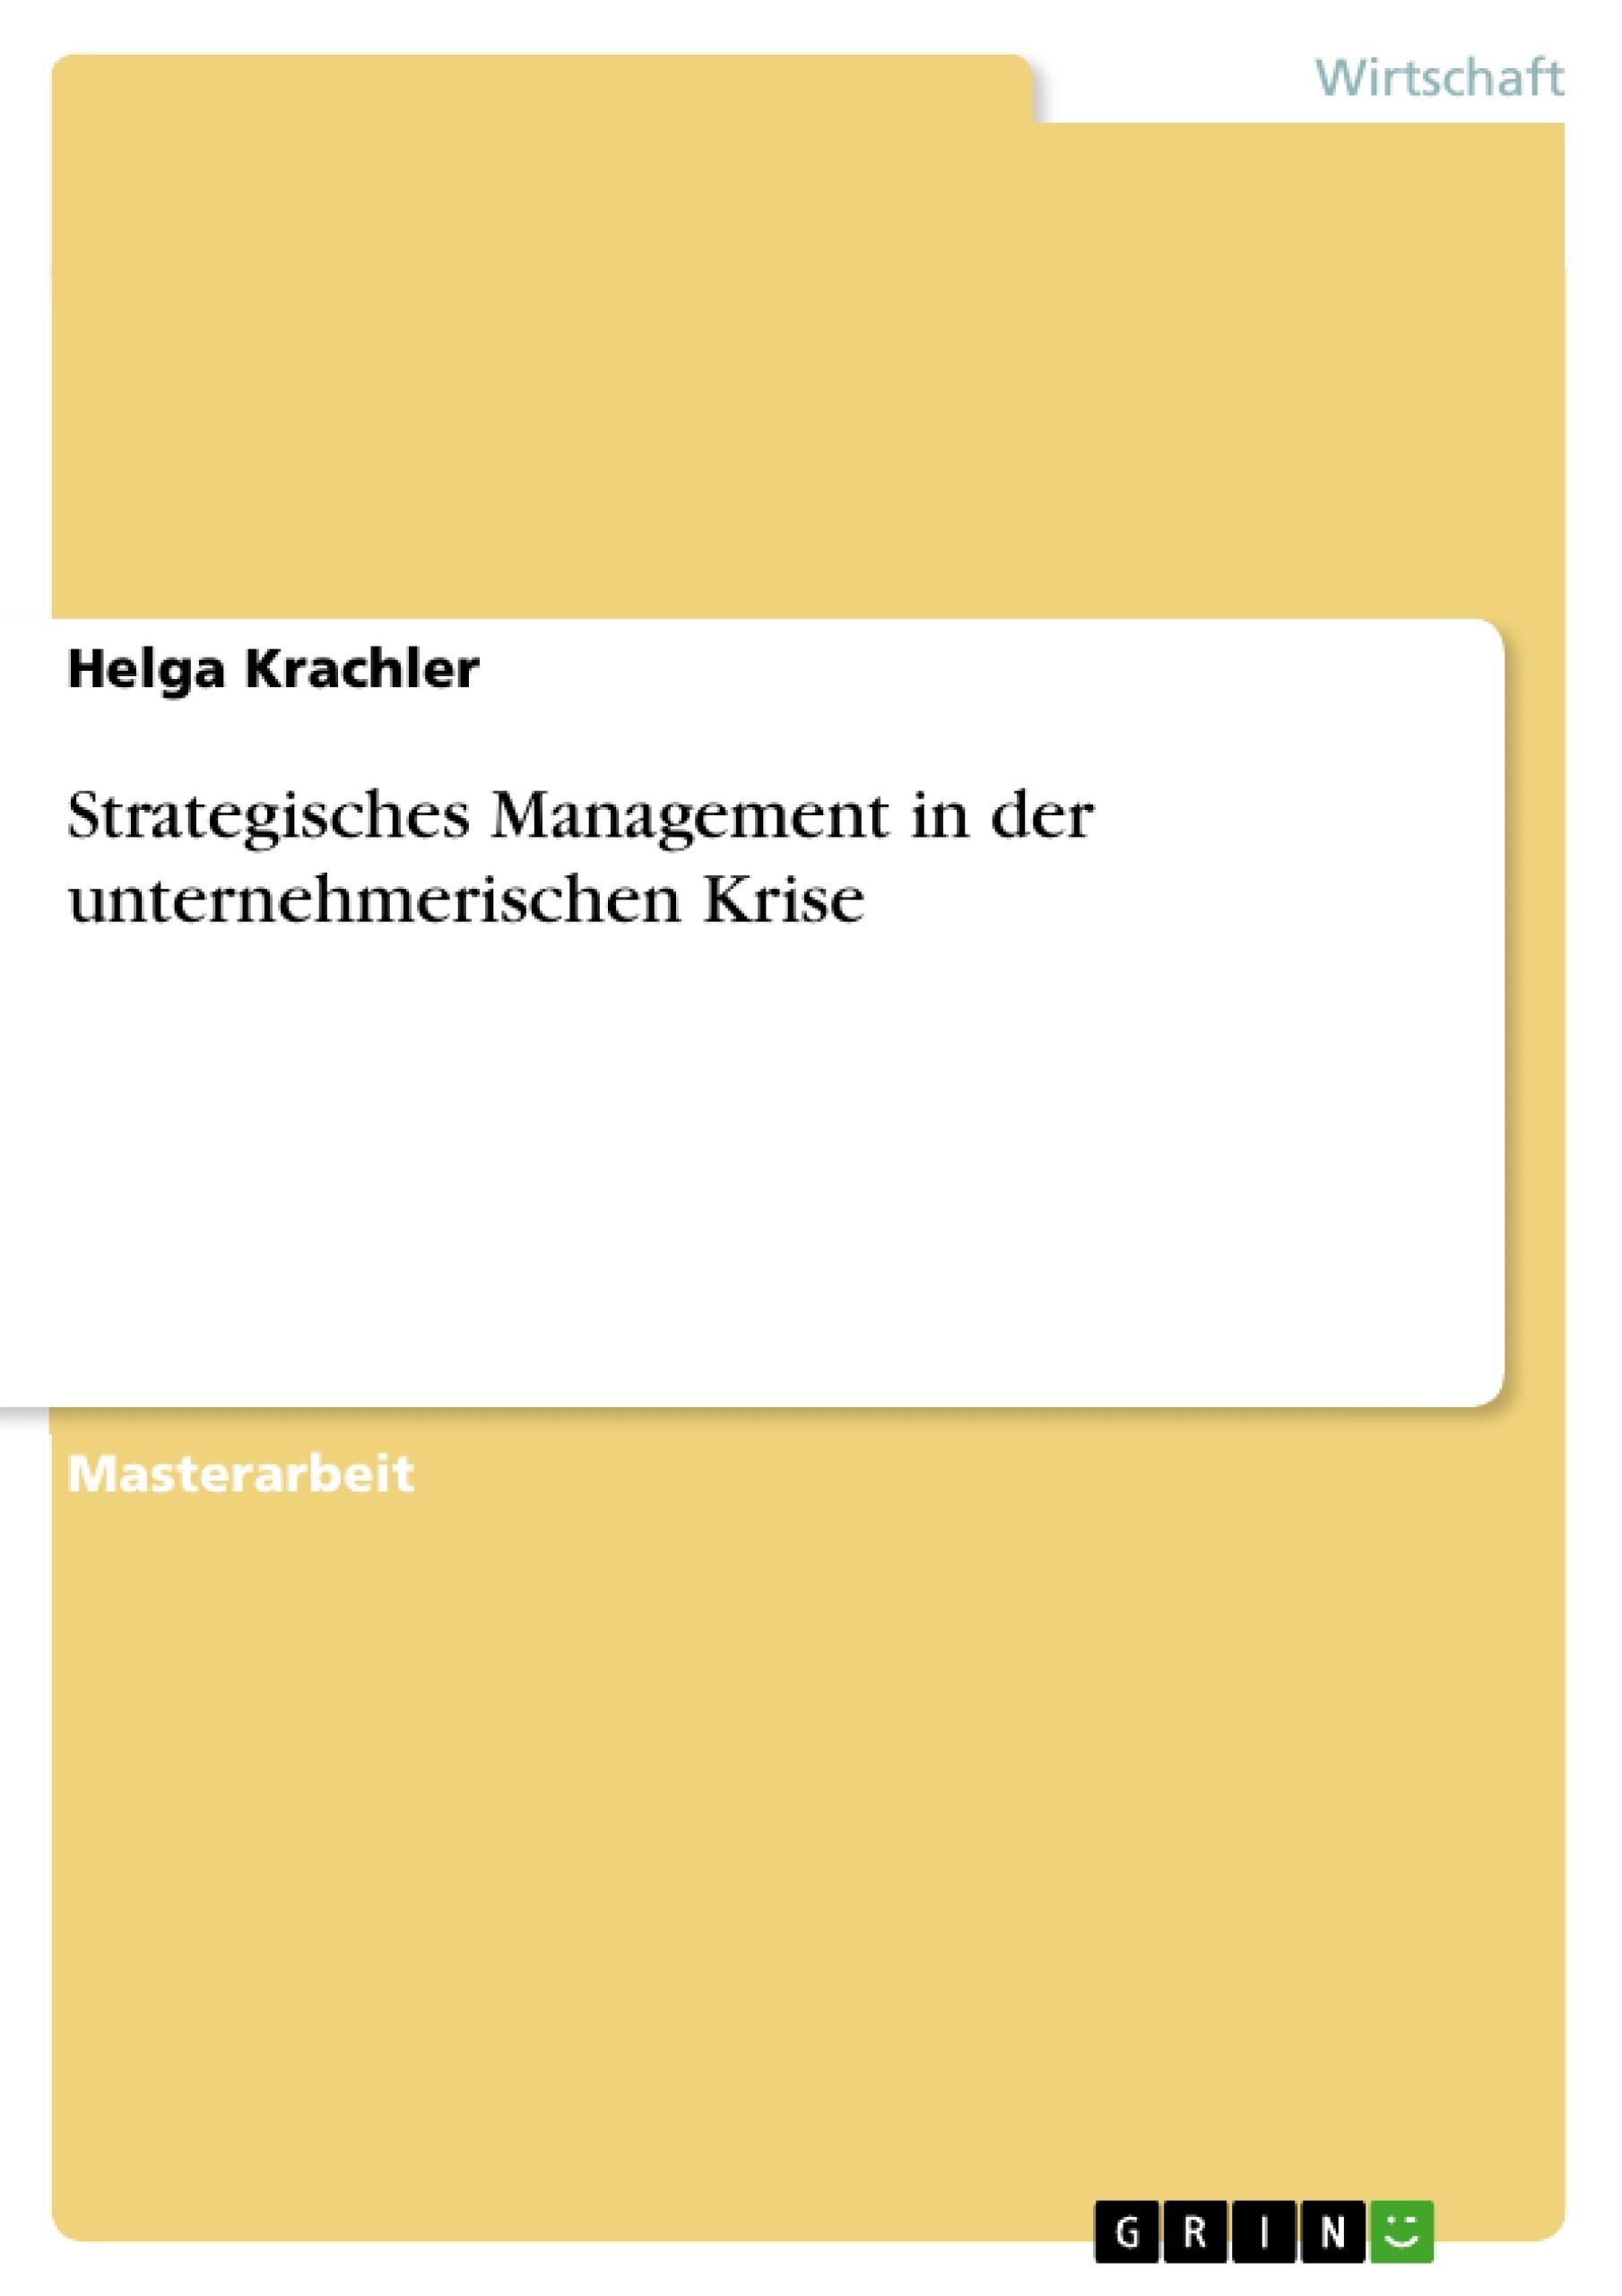 Titel: Strategisches Management in der unternehmerischen Krise